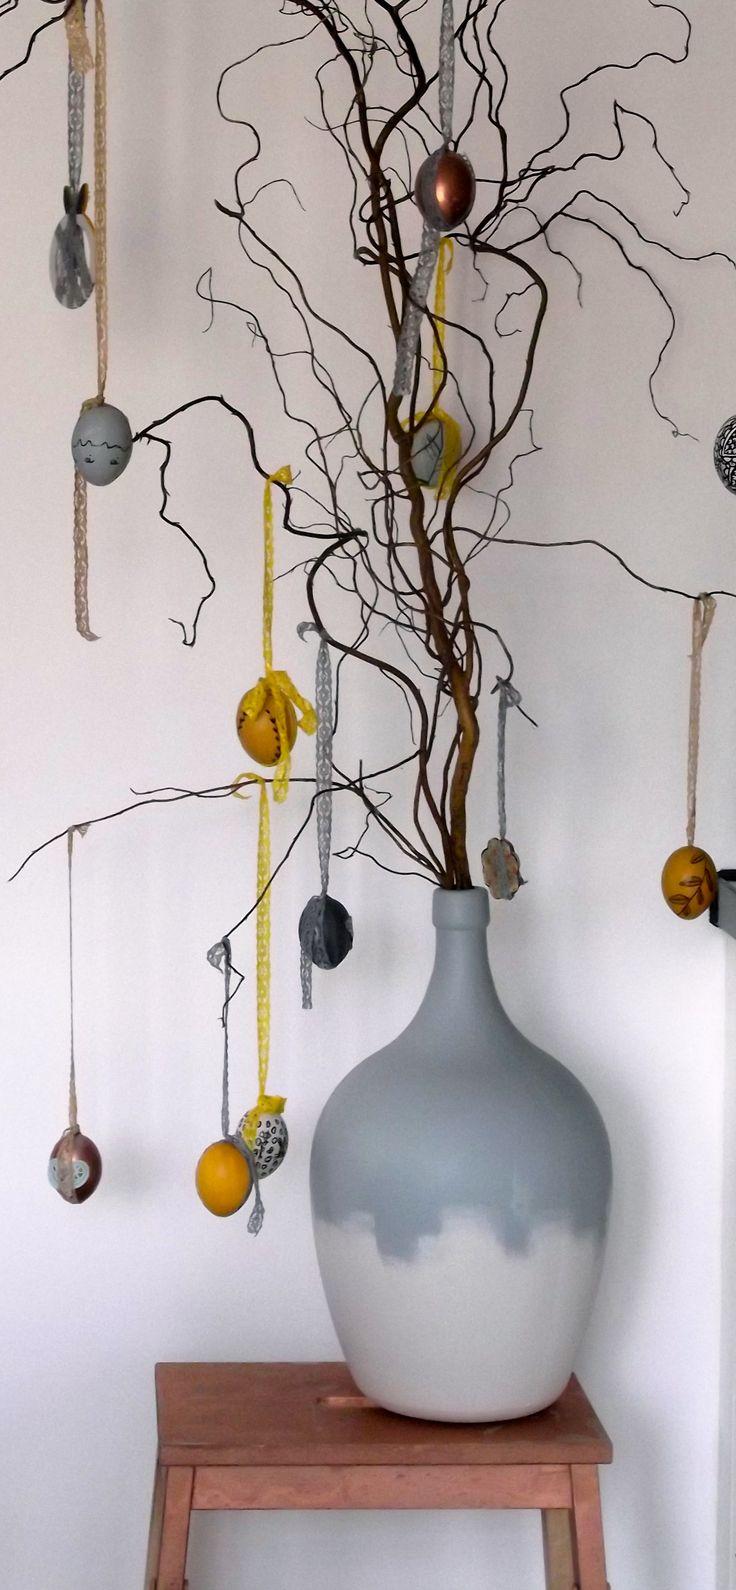 Ook weer zin om je huis in de paassfeer te brengen? Vandaag ga ik je laten zien hoe je een paastak kunt versieren met onder andere doodle eieren. Met een mooi kleurenspel dat past in je interieur. Het recept om lekker een middagje creatief bezig te zijn. Wil je weten hoe? lees dan het blog: www.mixinstijl.nl/paastak-versieren-met-doodle-eieren-in-kleuren-die-passen-in-je-interieur/